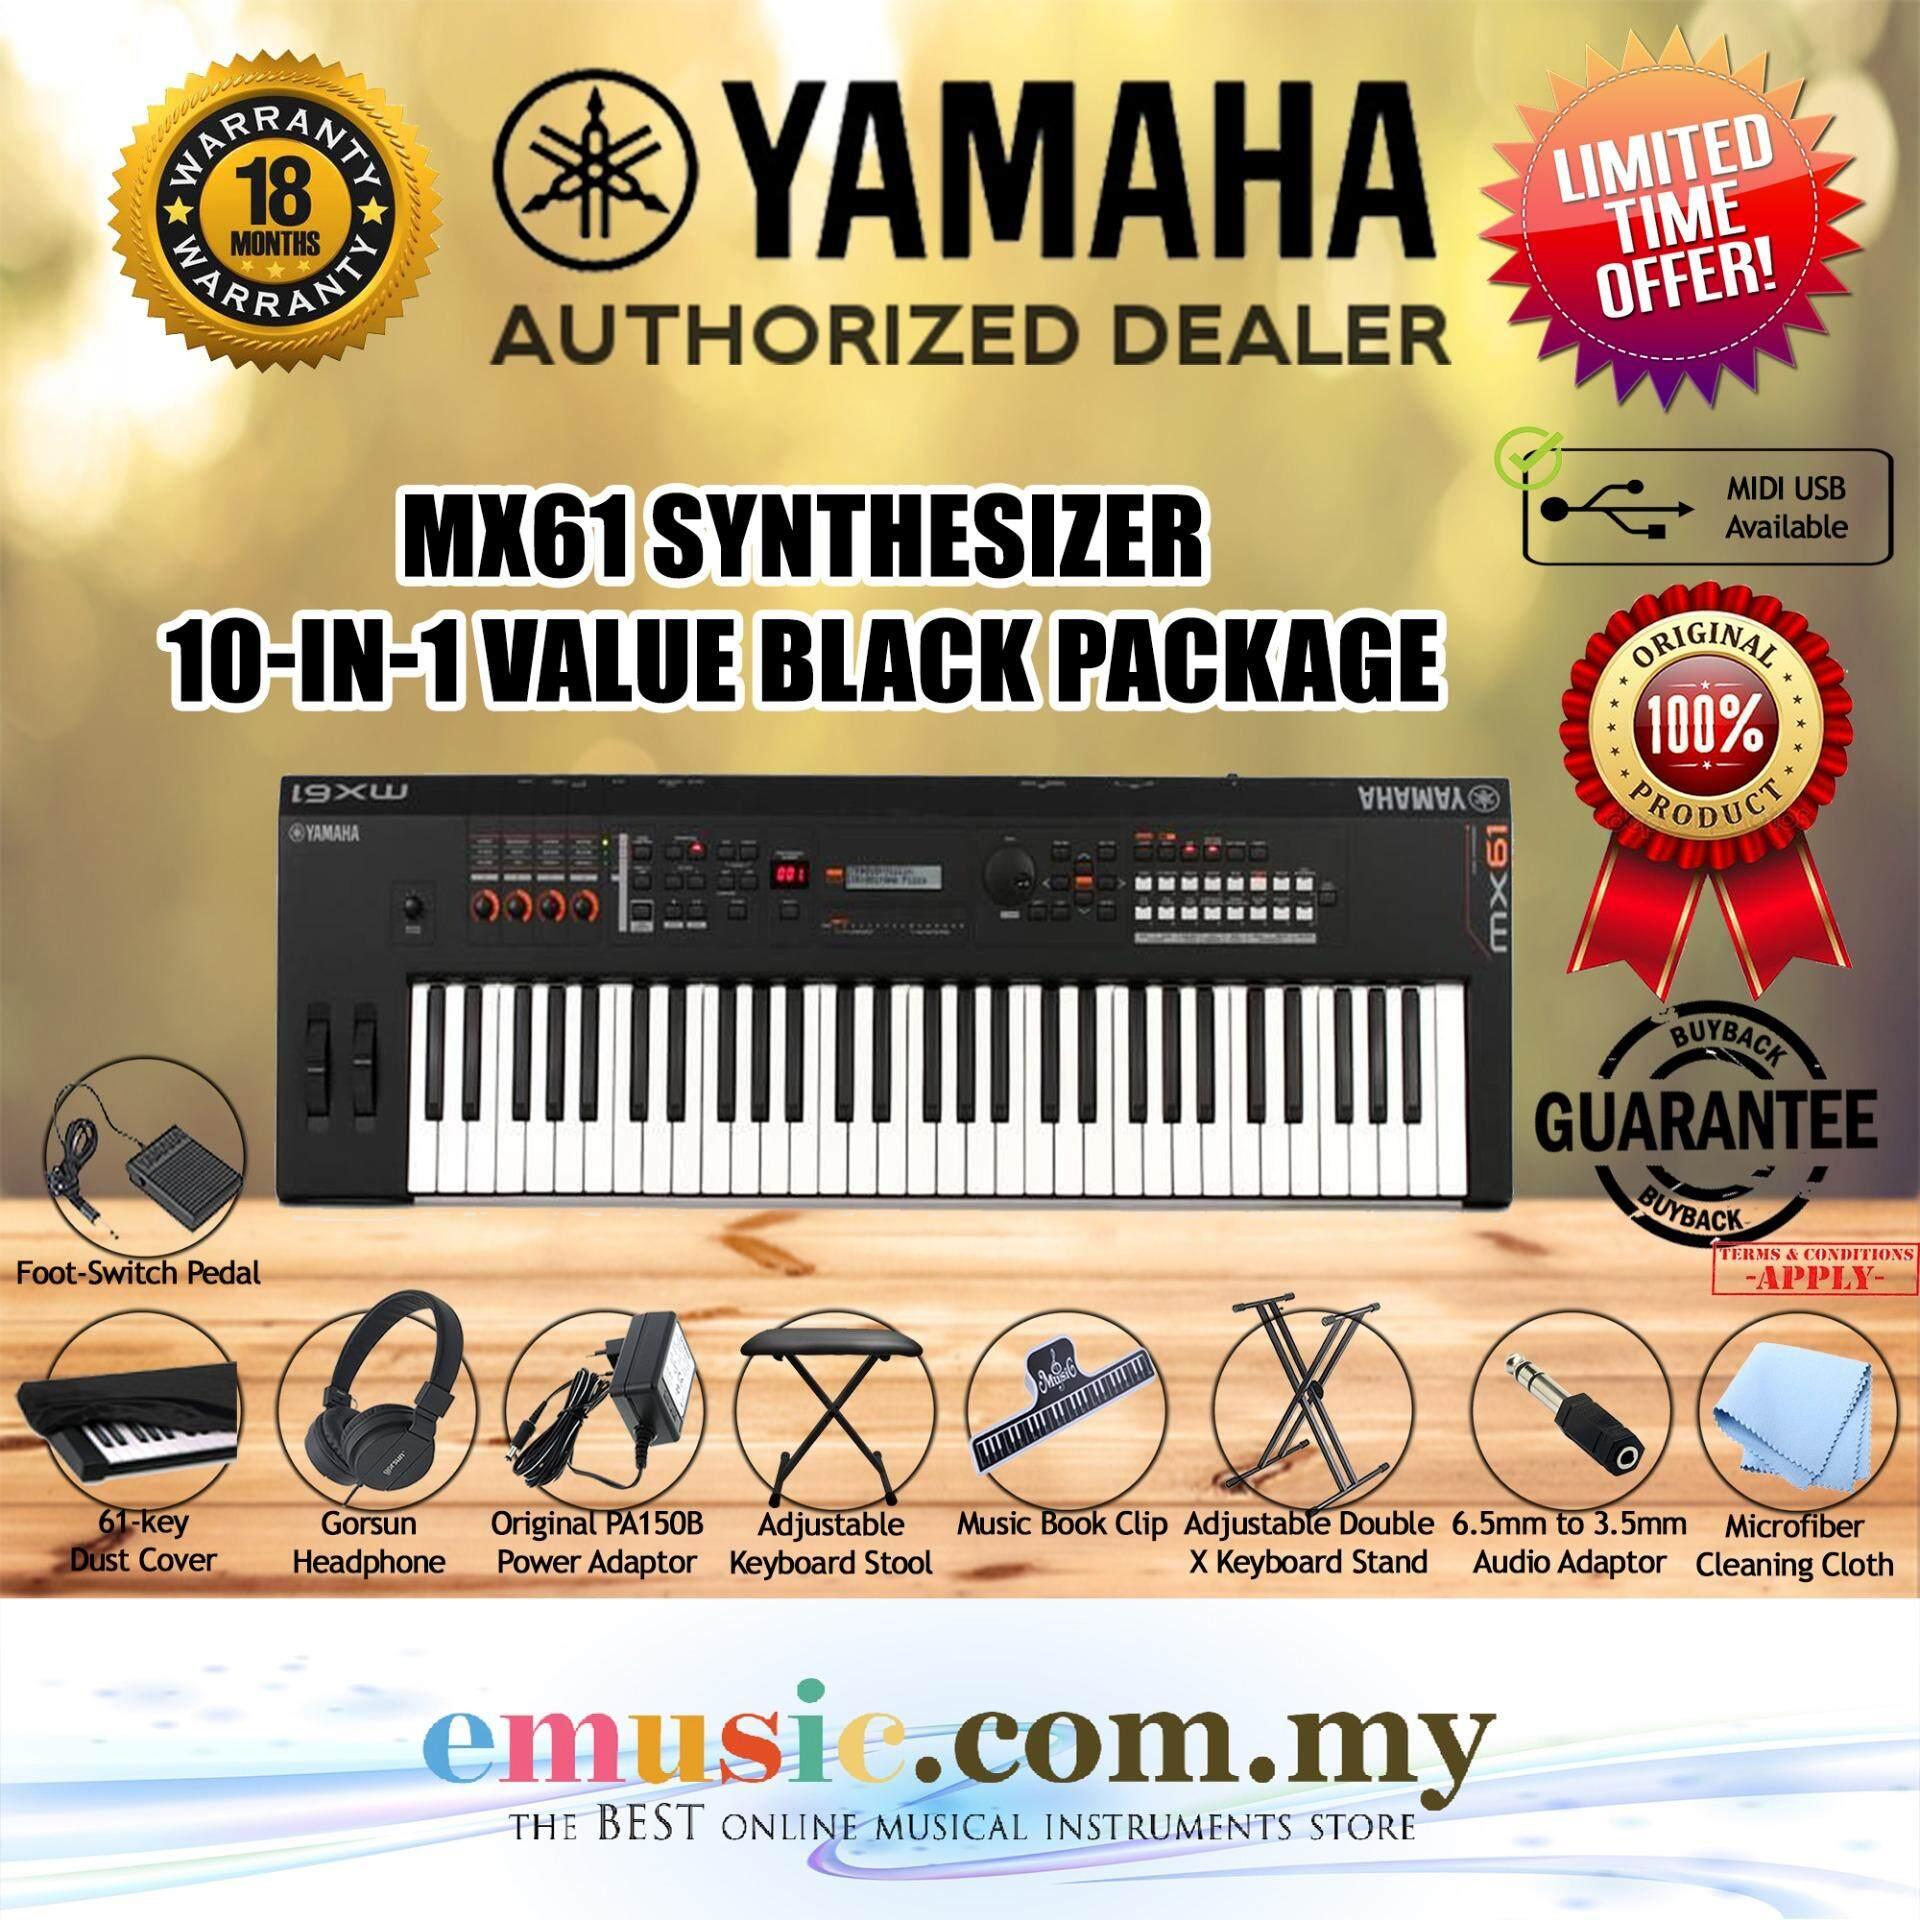 Yamaha MX61 Synthesizer 61-key Keyboard Value Package (MX-61 / MX 61)